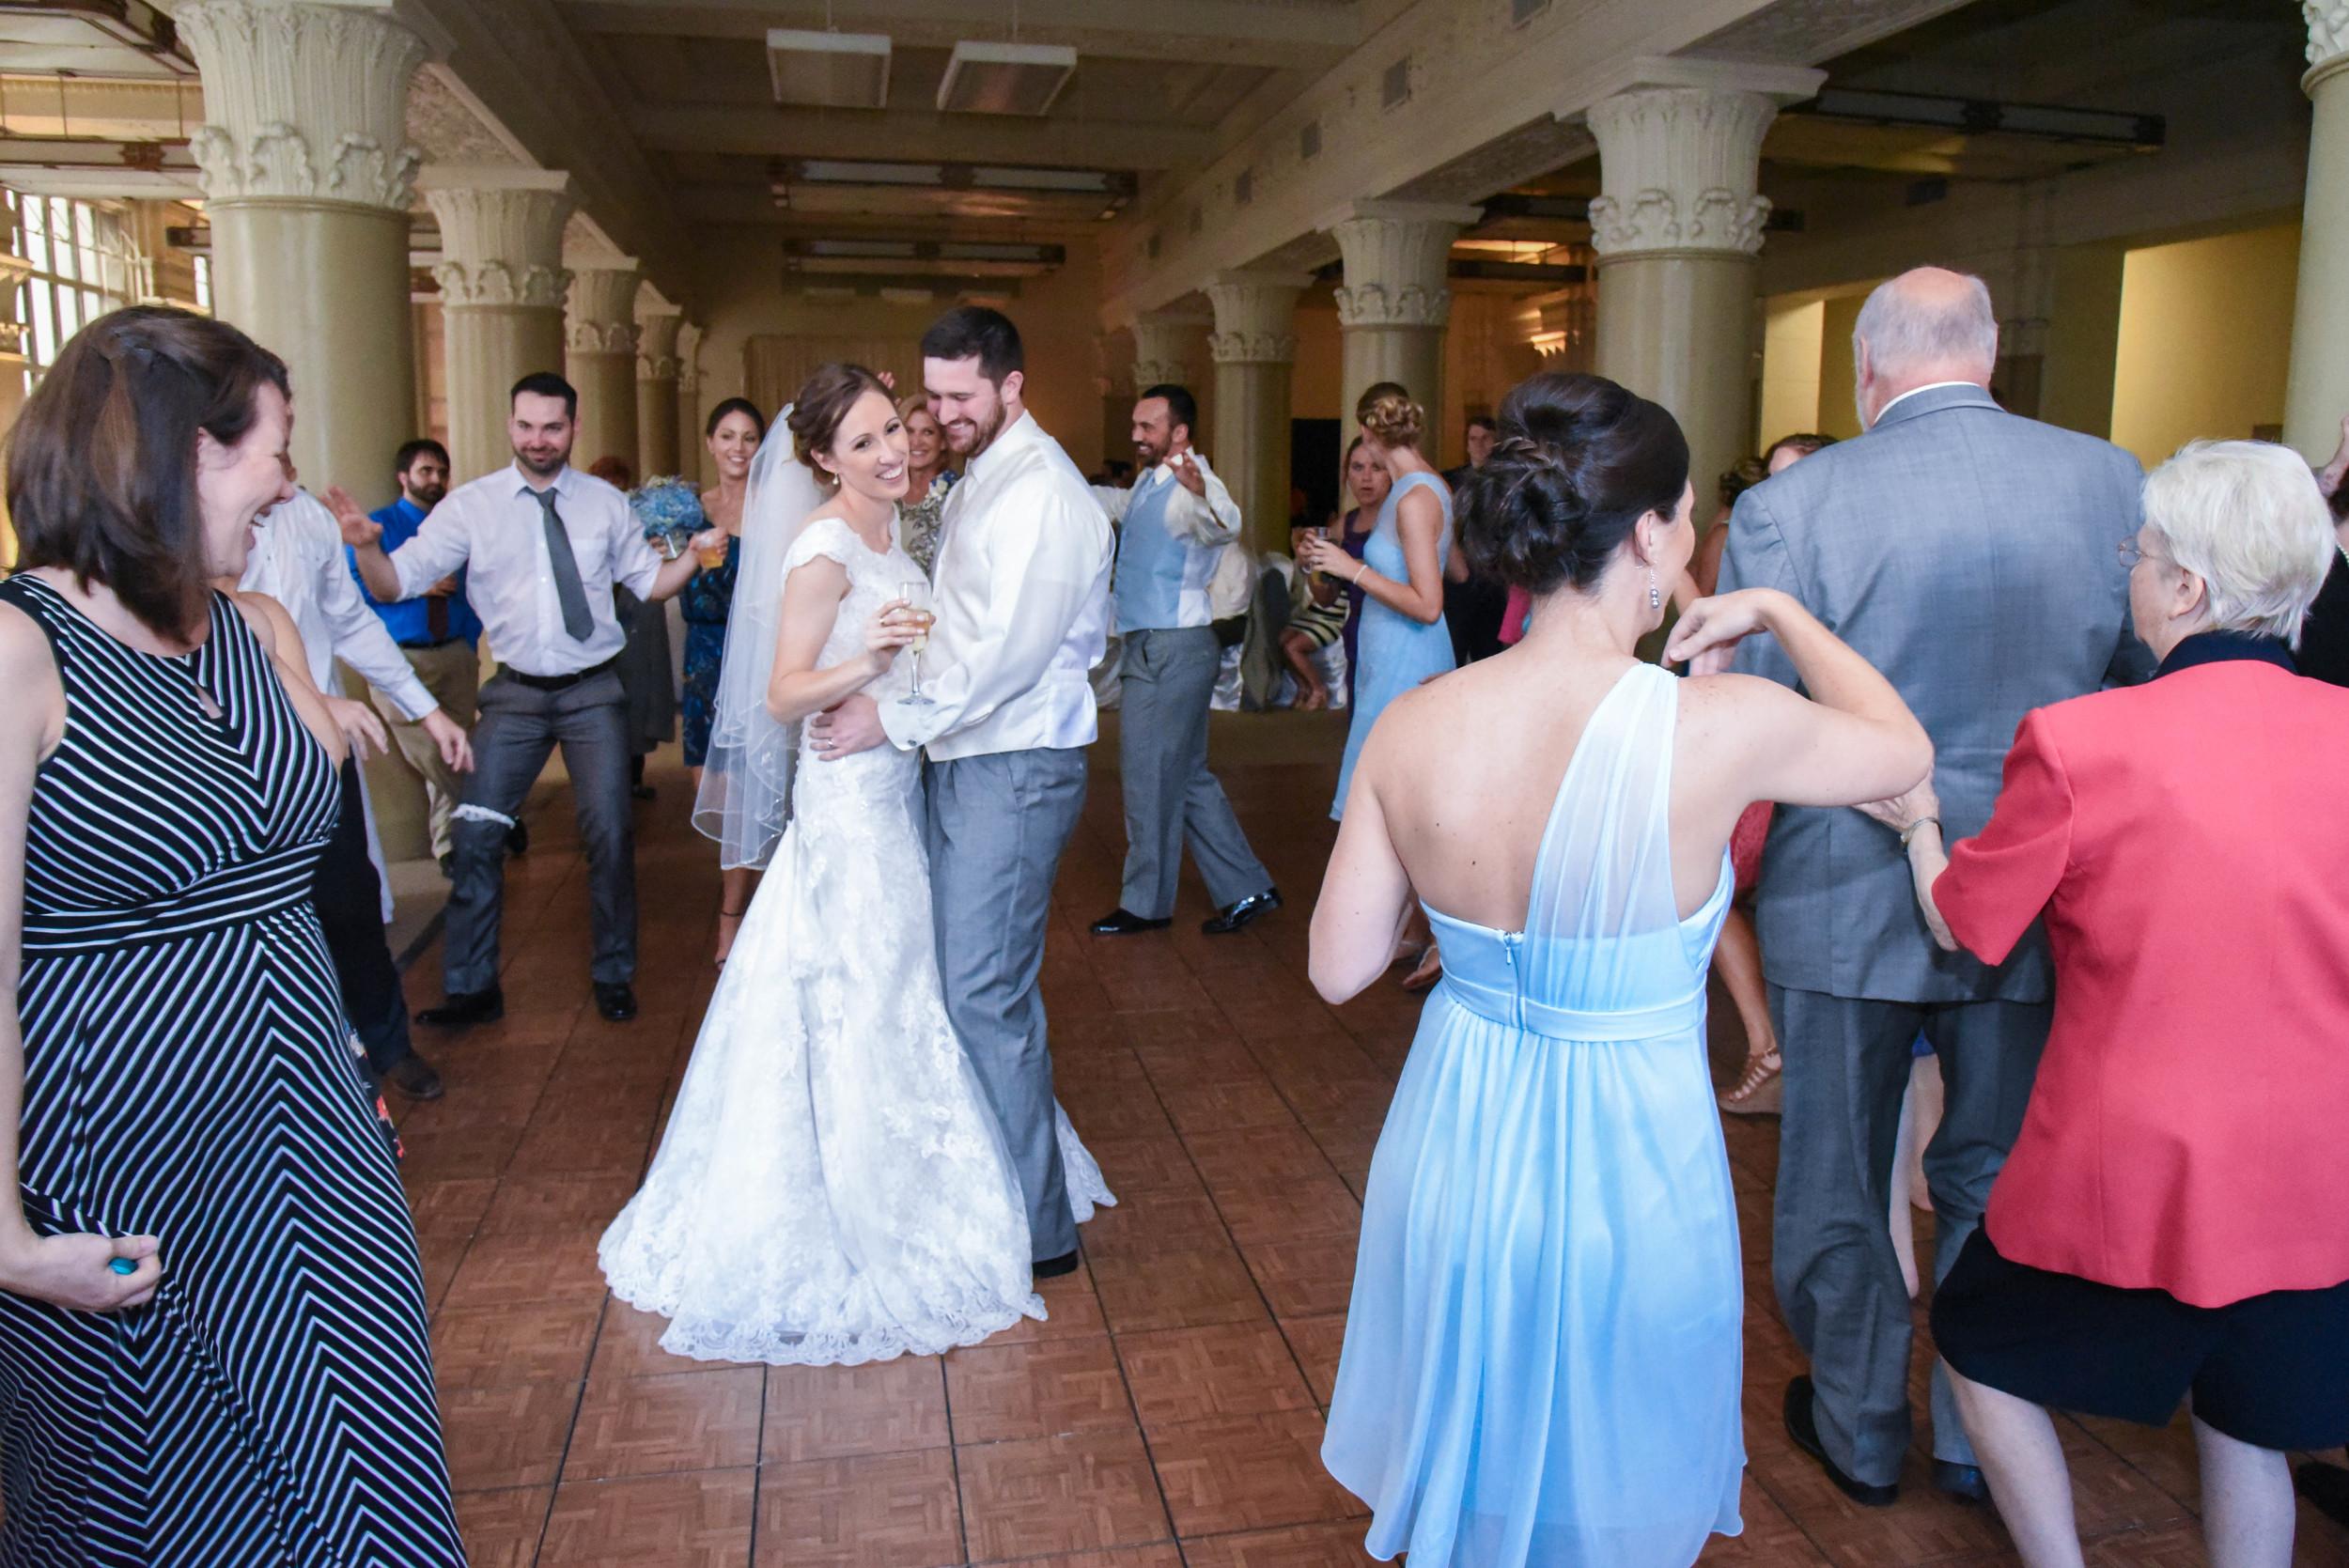 federal bride-groomdance (1 of 1).jpg